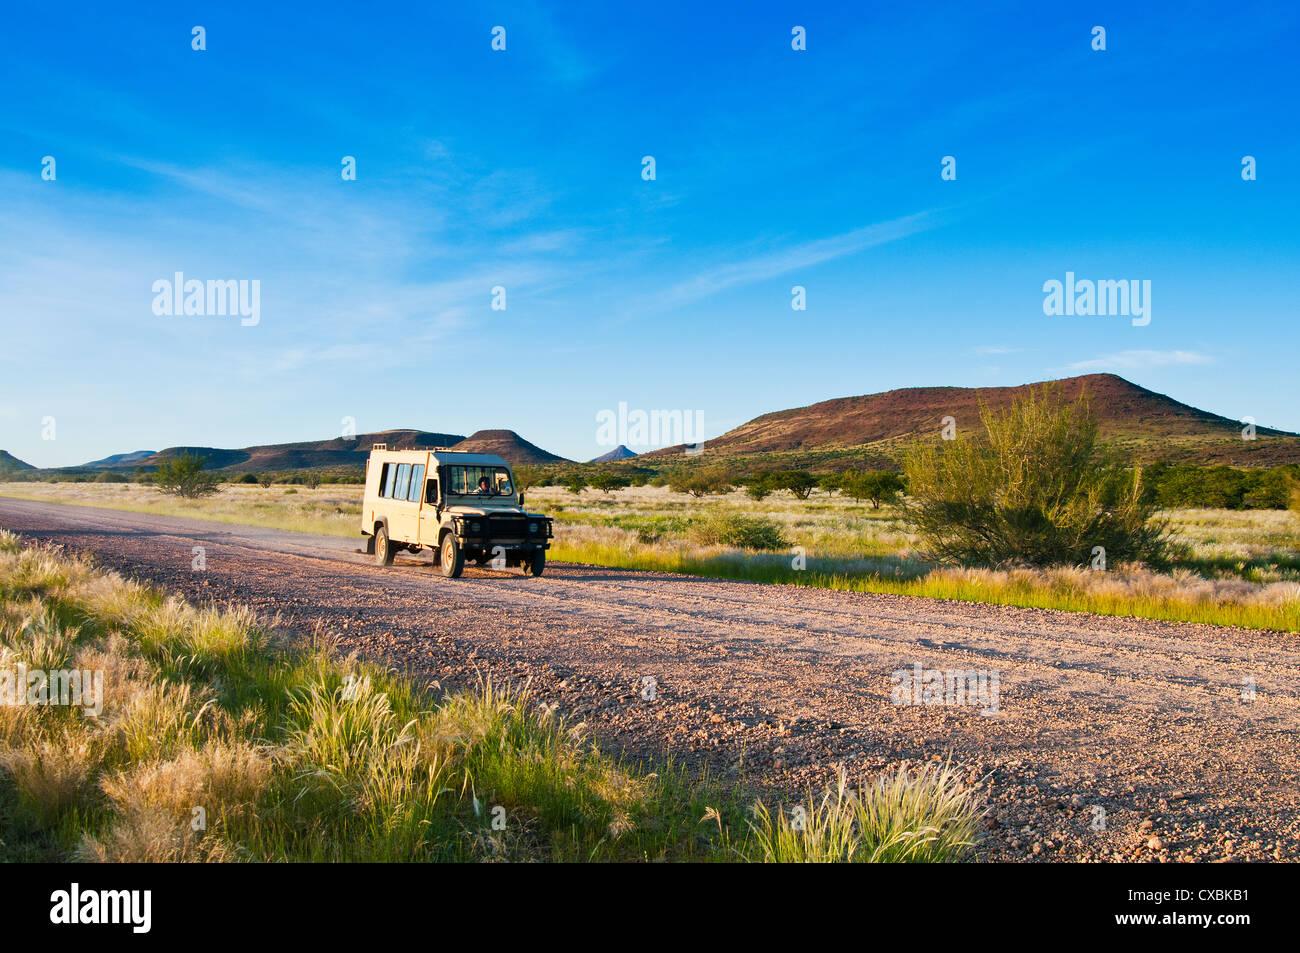 La région de Kunene, Damaraland, Namibie, Afrique Banque D'Images